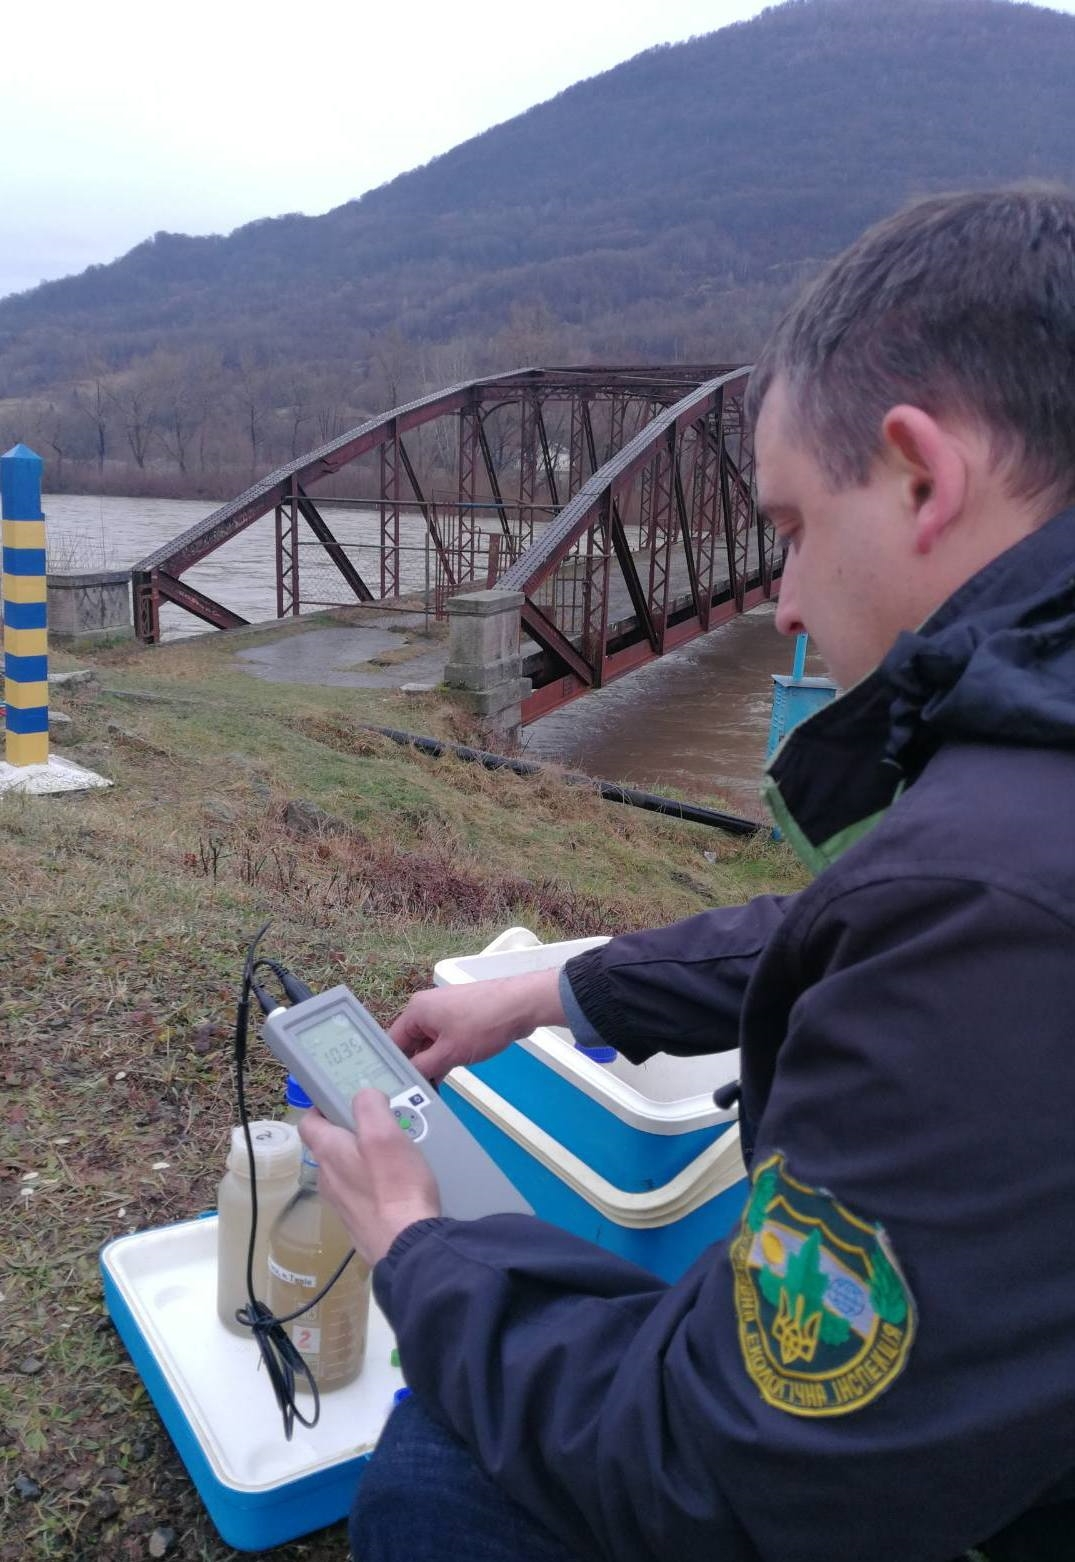 Відбори проб проводяться у відповідності до Програми проведення відбору проб води та спільних вимірів витрат води р. Тиса румунськими та українськими спеціалістами на 2021 рік.